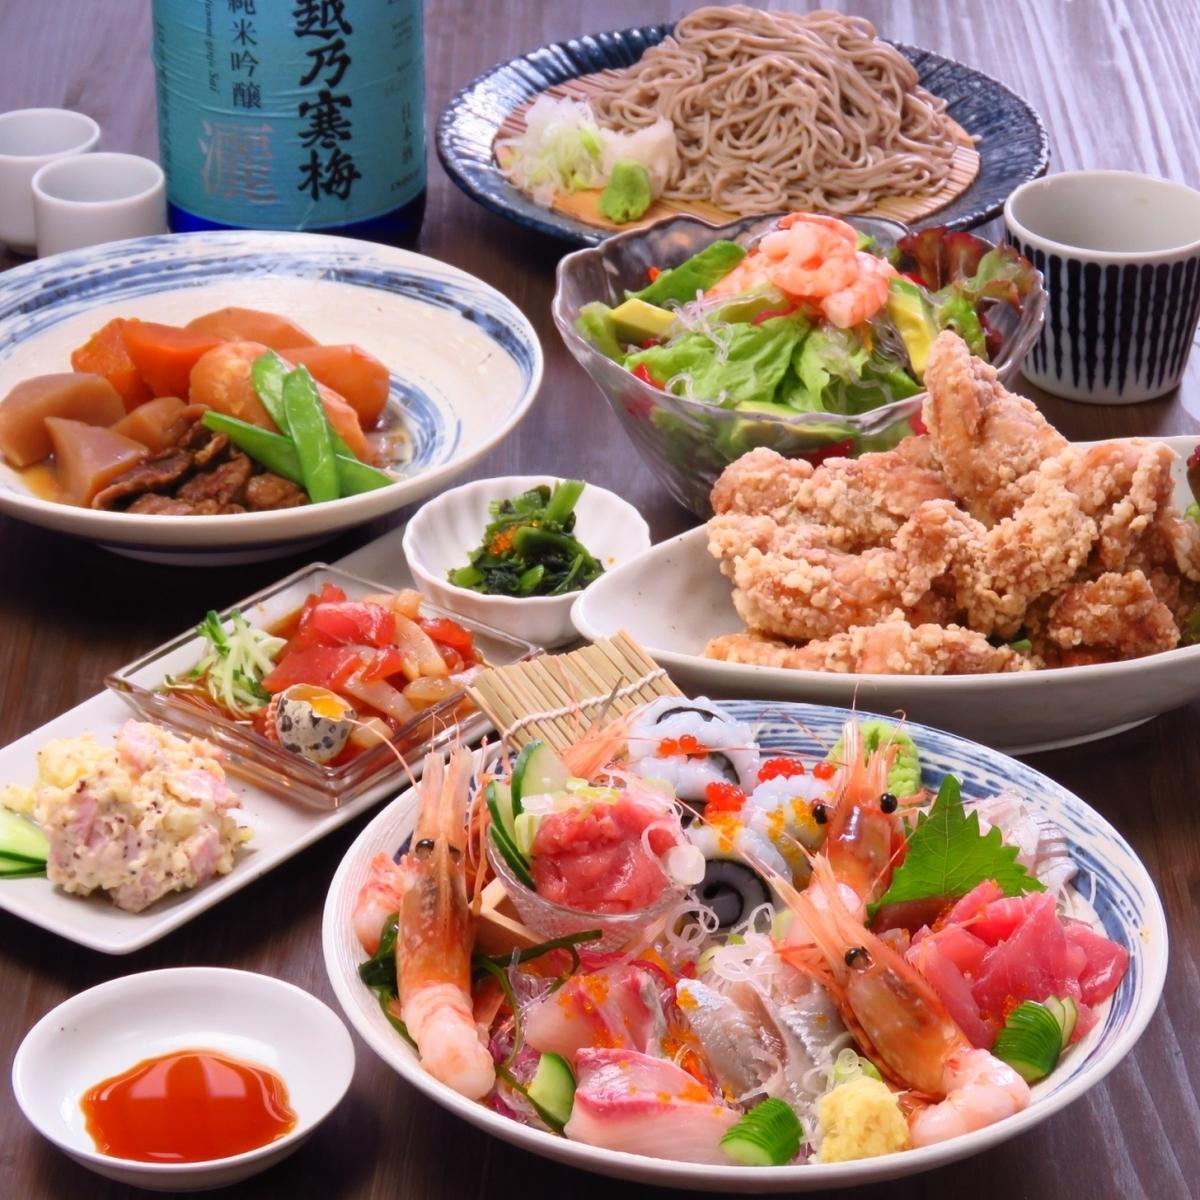 我们所有的11件产品都以3980日元的价格自豪地提供价格实惠的饮品